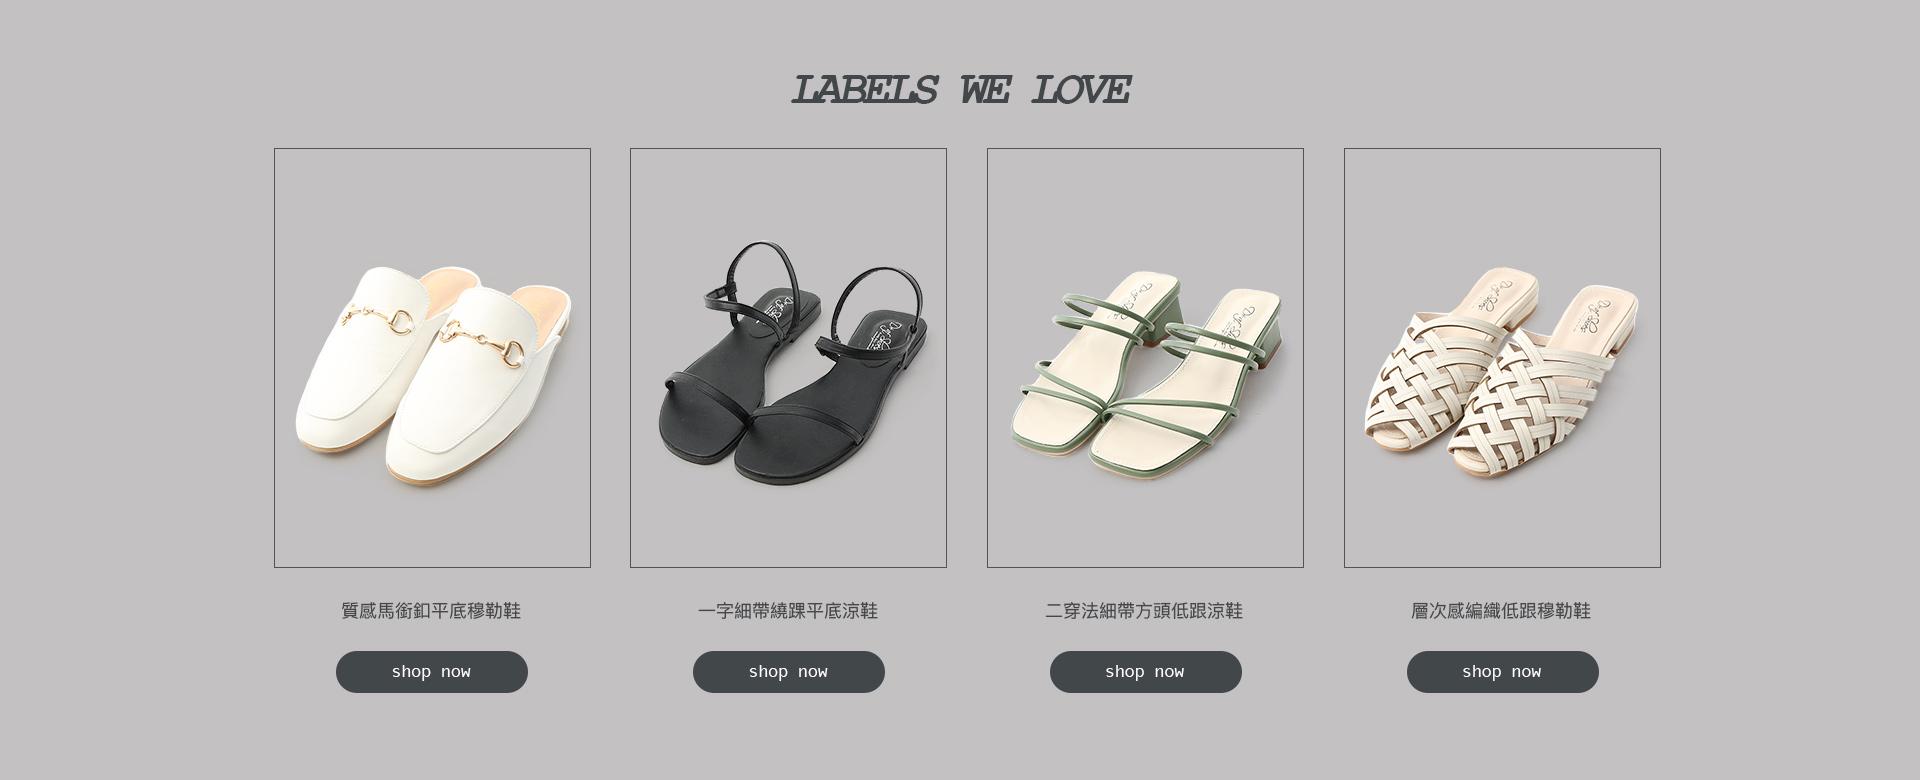 穆勒鞋 涼鞋 編織鞋推薦